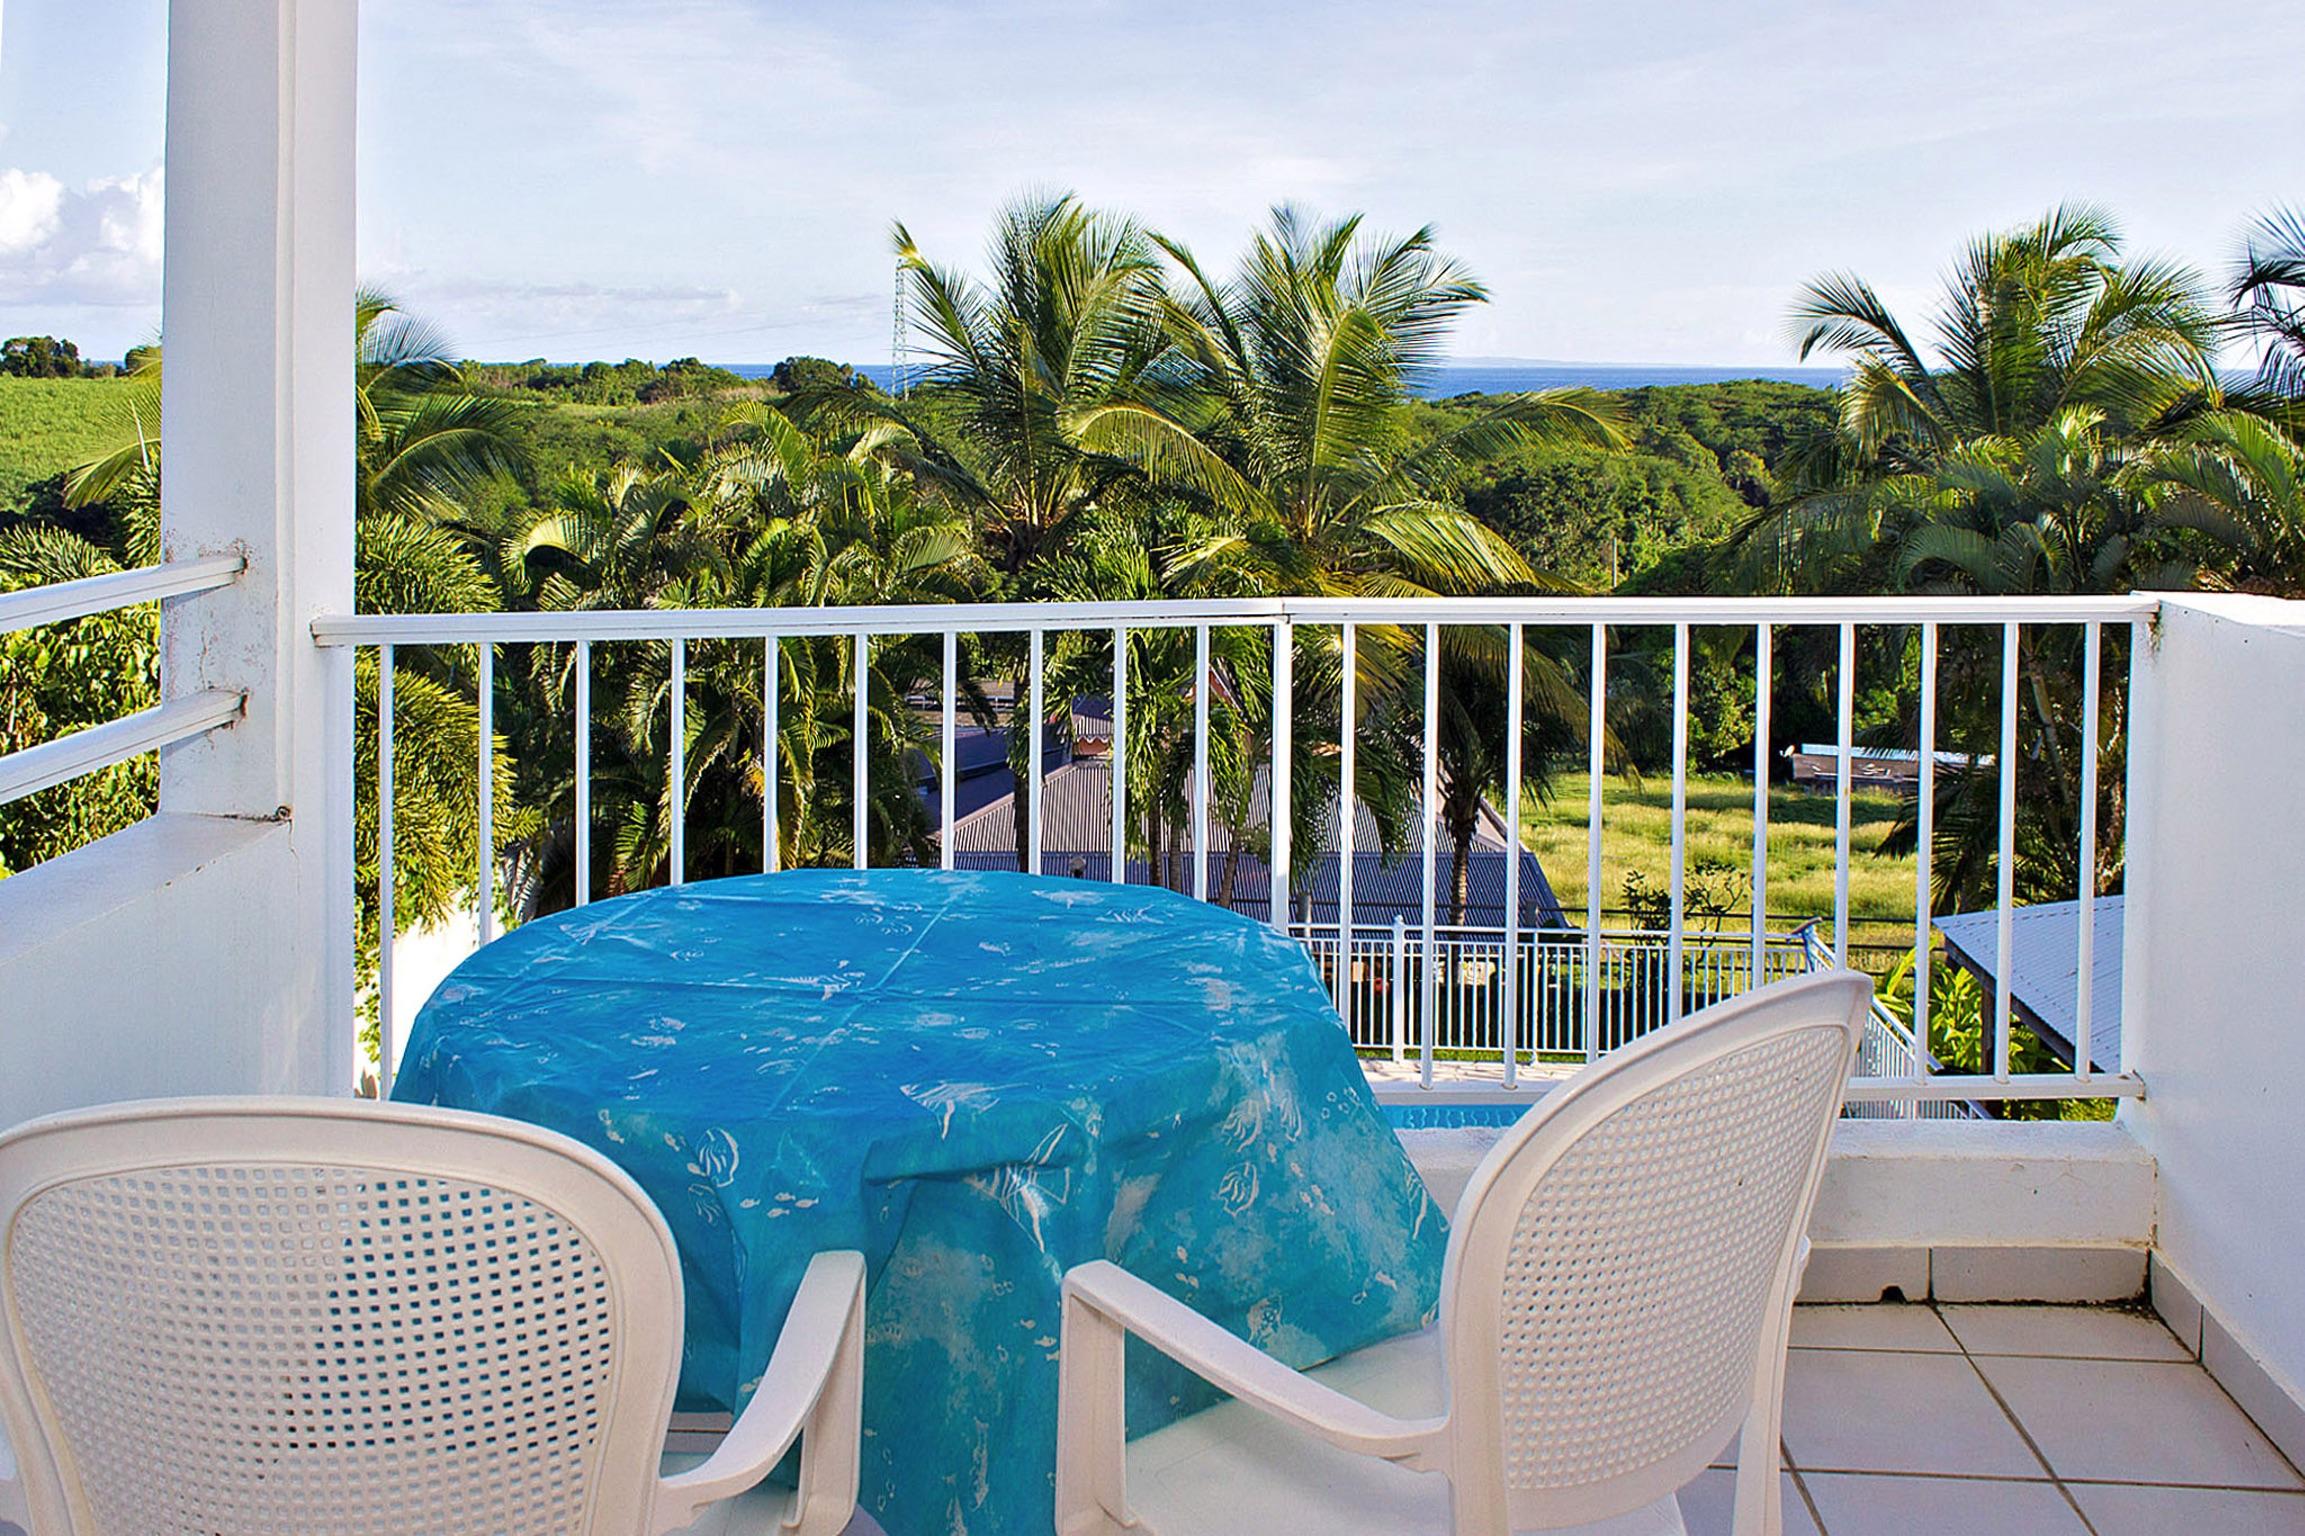 Verträumte Studio mit Meerblick, auf der Fran Ferienwohnung in Guadeloupe